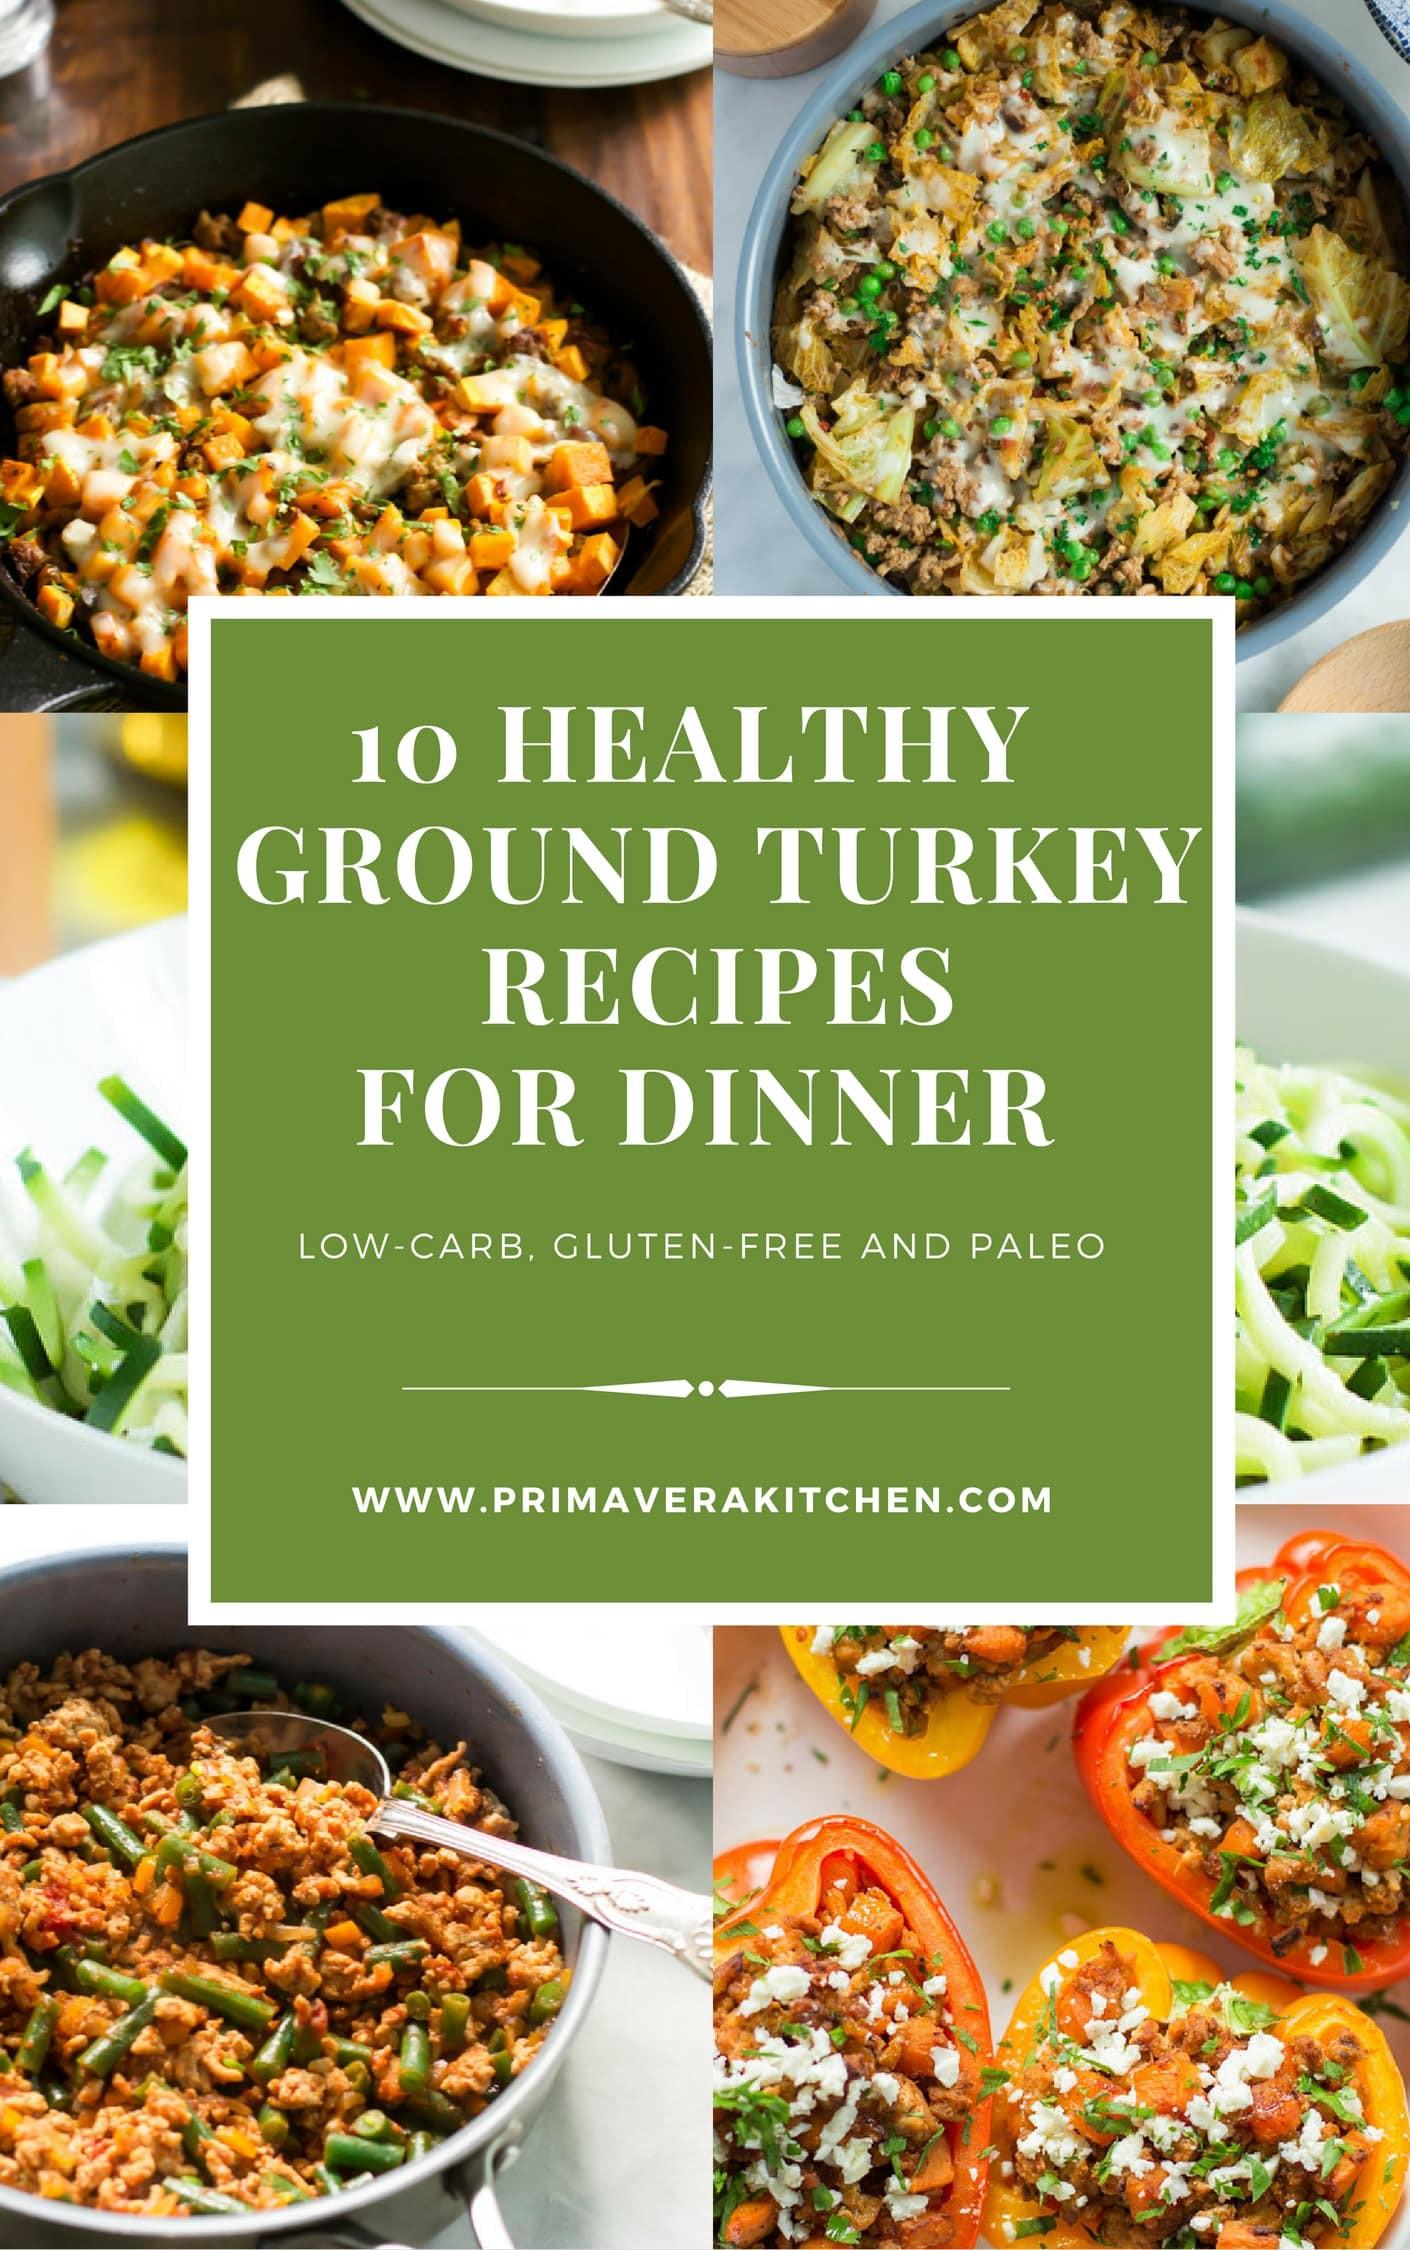 Is Ground Turkey Healthy  10 Healthy Ground Turkey Recipes for Dinner Primavera